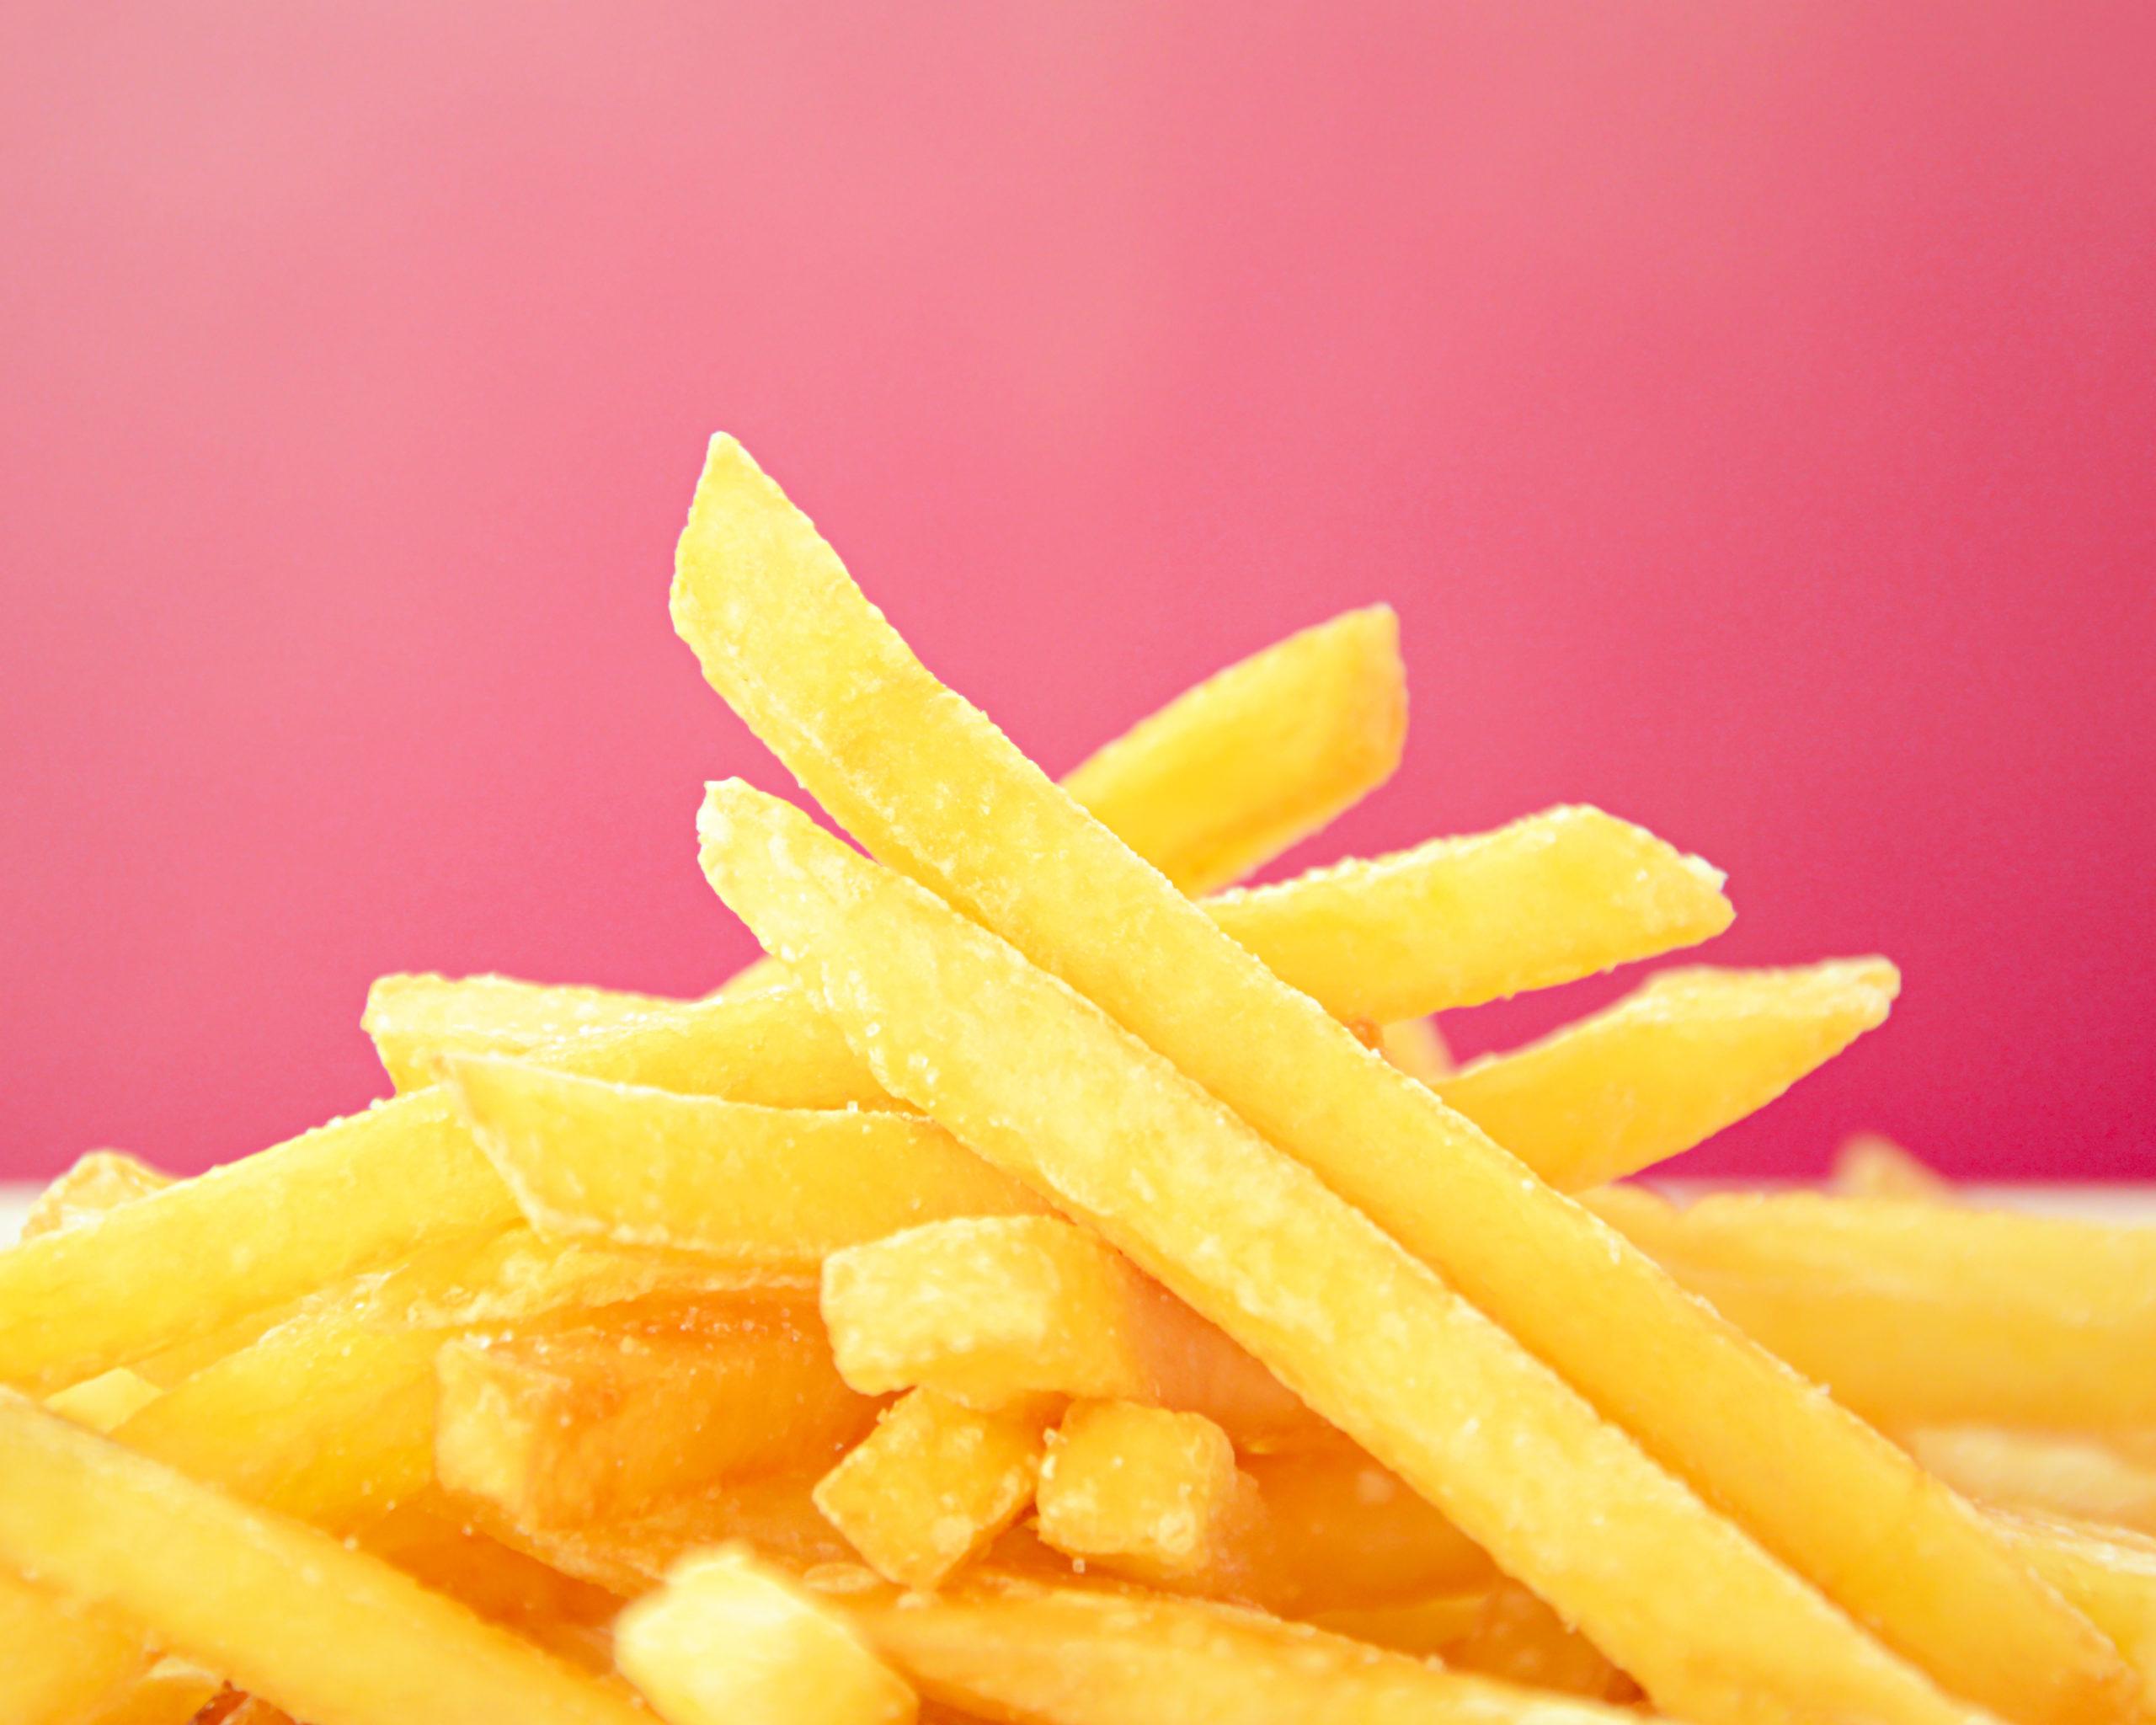 ¿Quieres mejorar tu salud? Evita estos cuatro alimentos